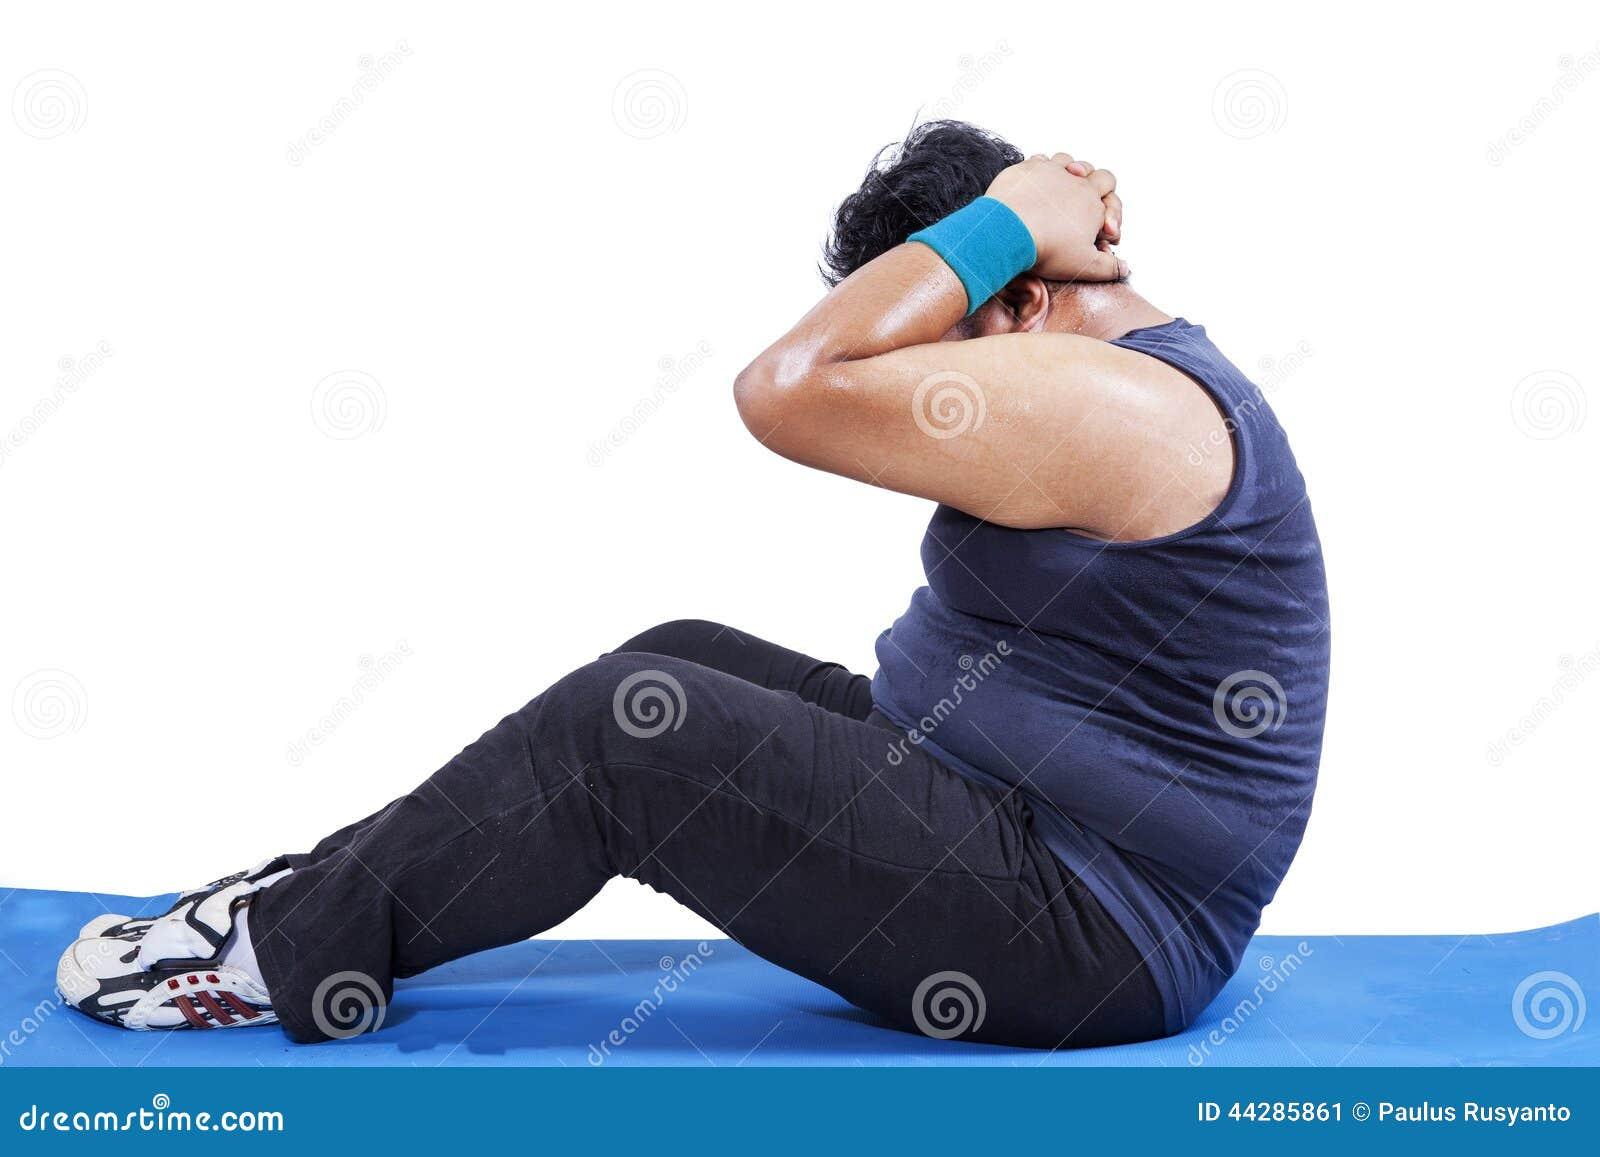 En el gym 15 - 1 part 10